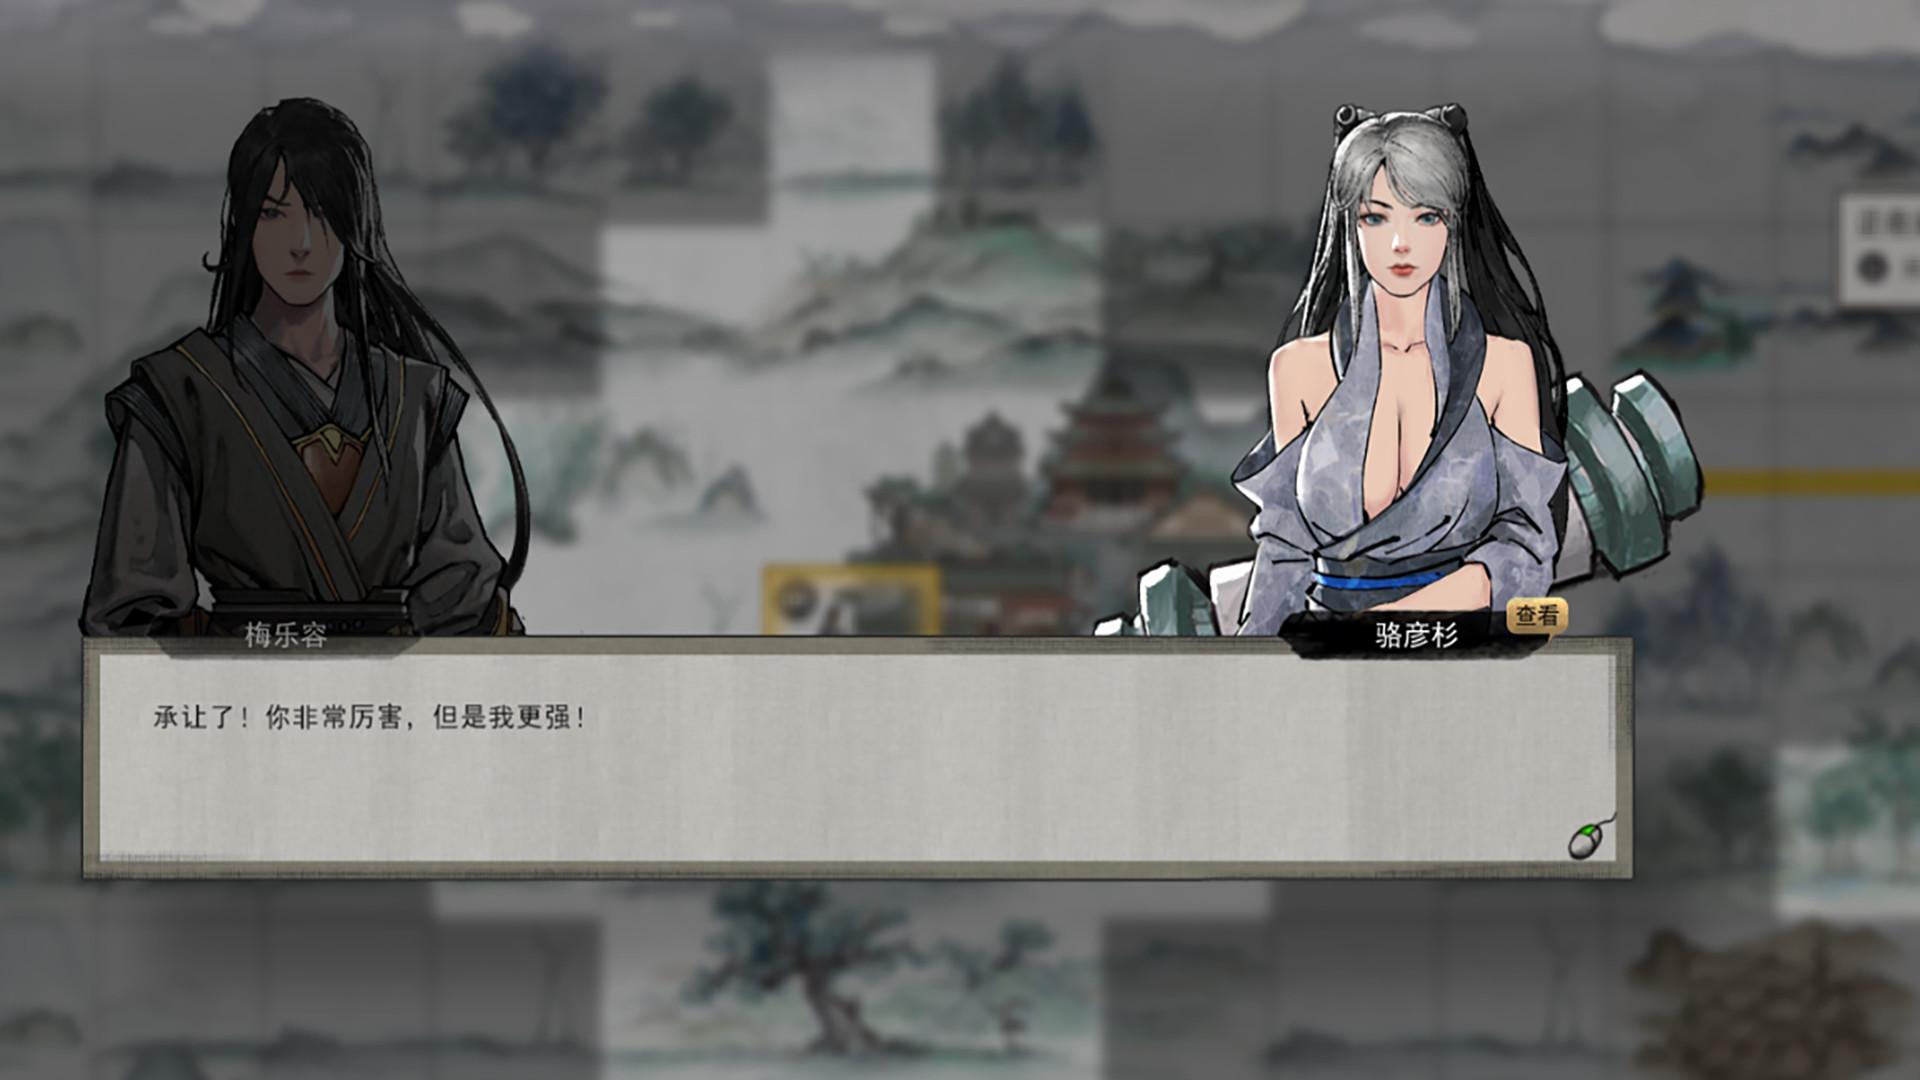 鬼谷八荒(V0.8.2014.235-化神·悟道)插图17